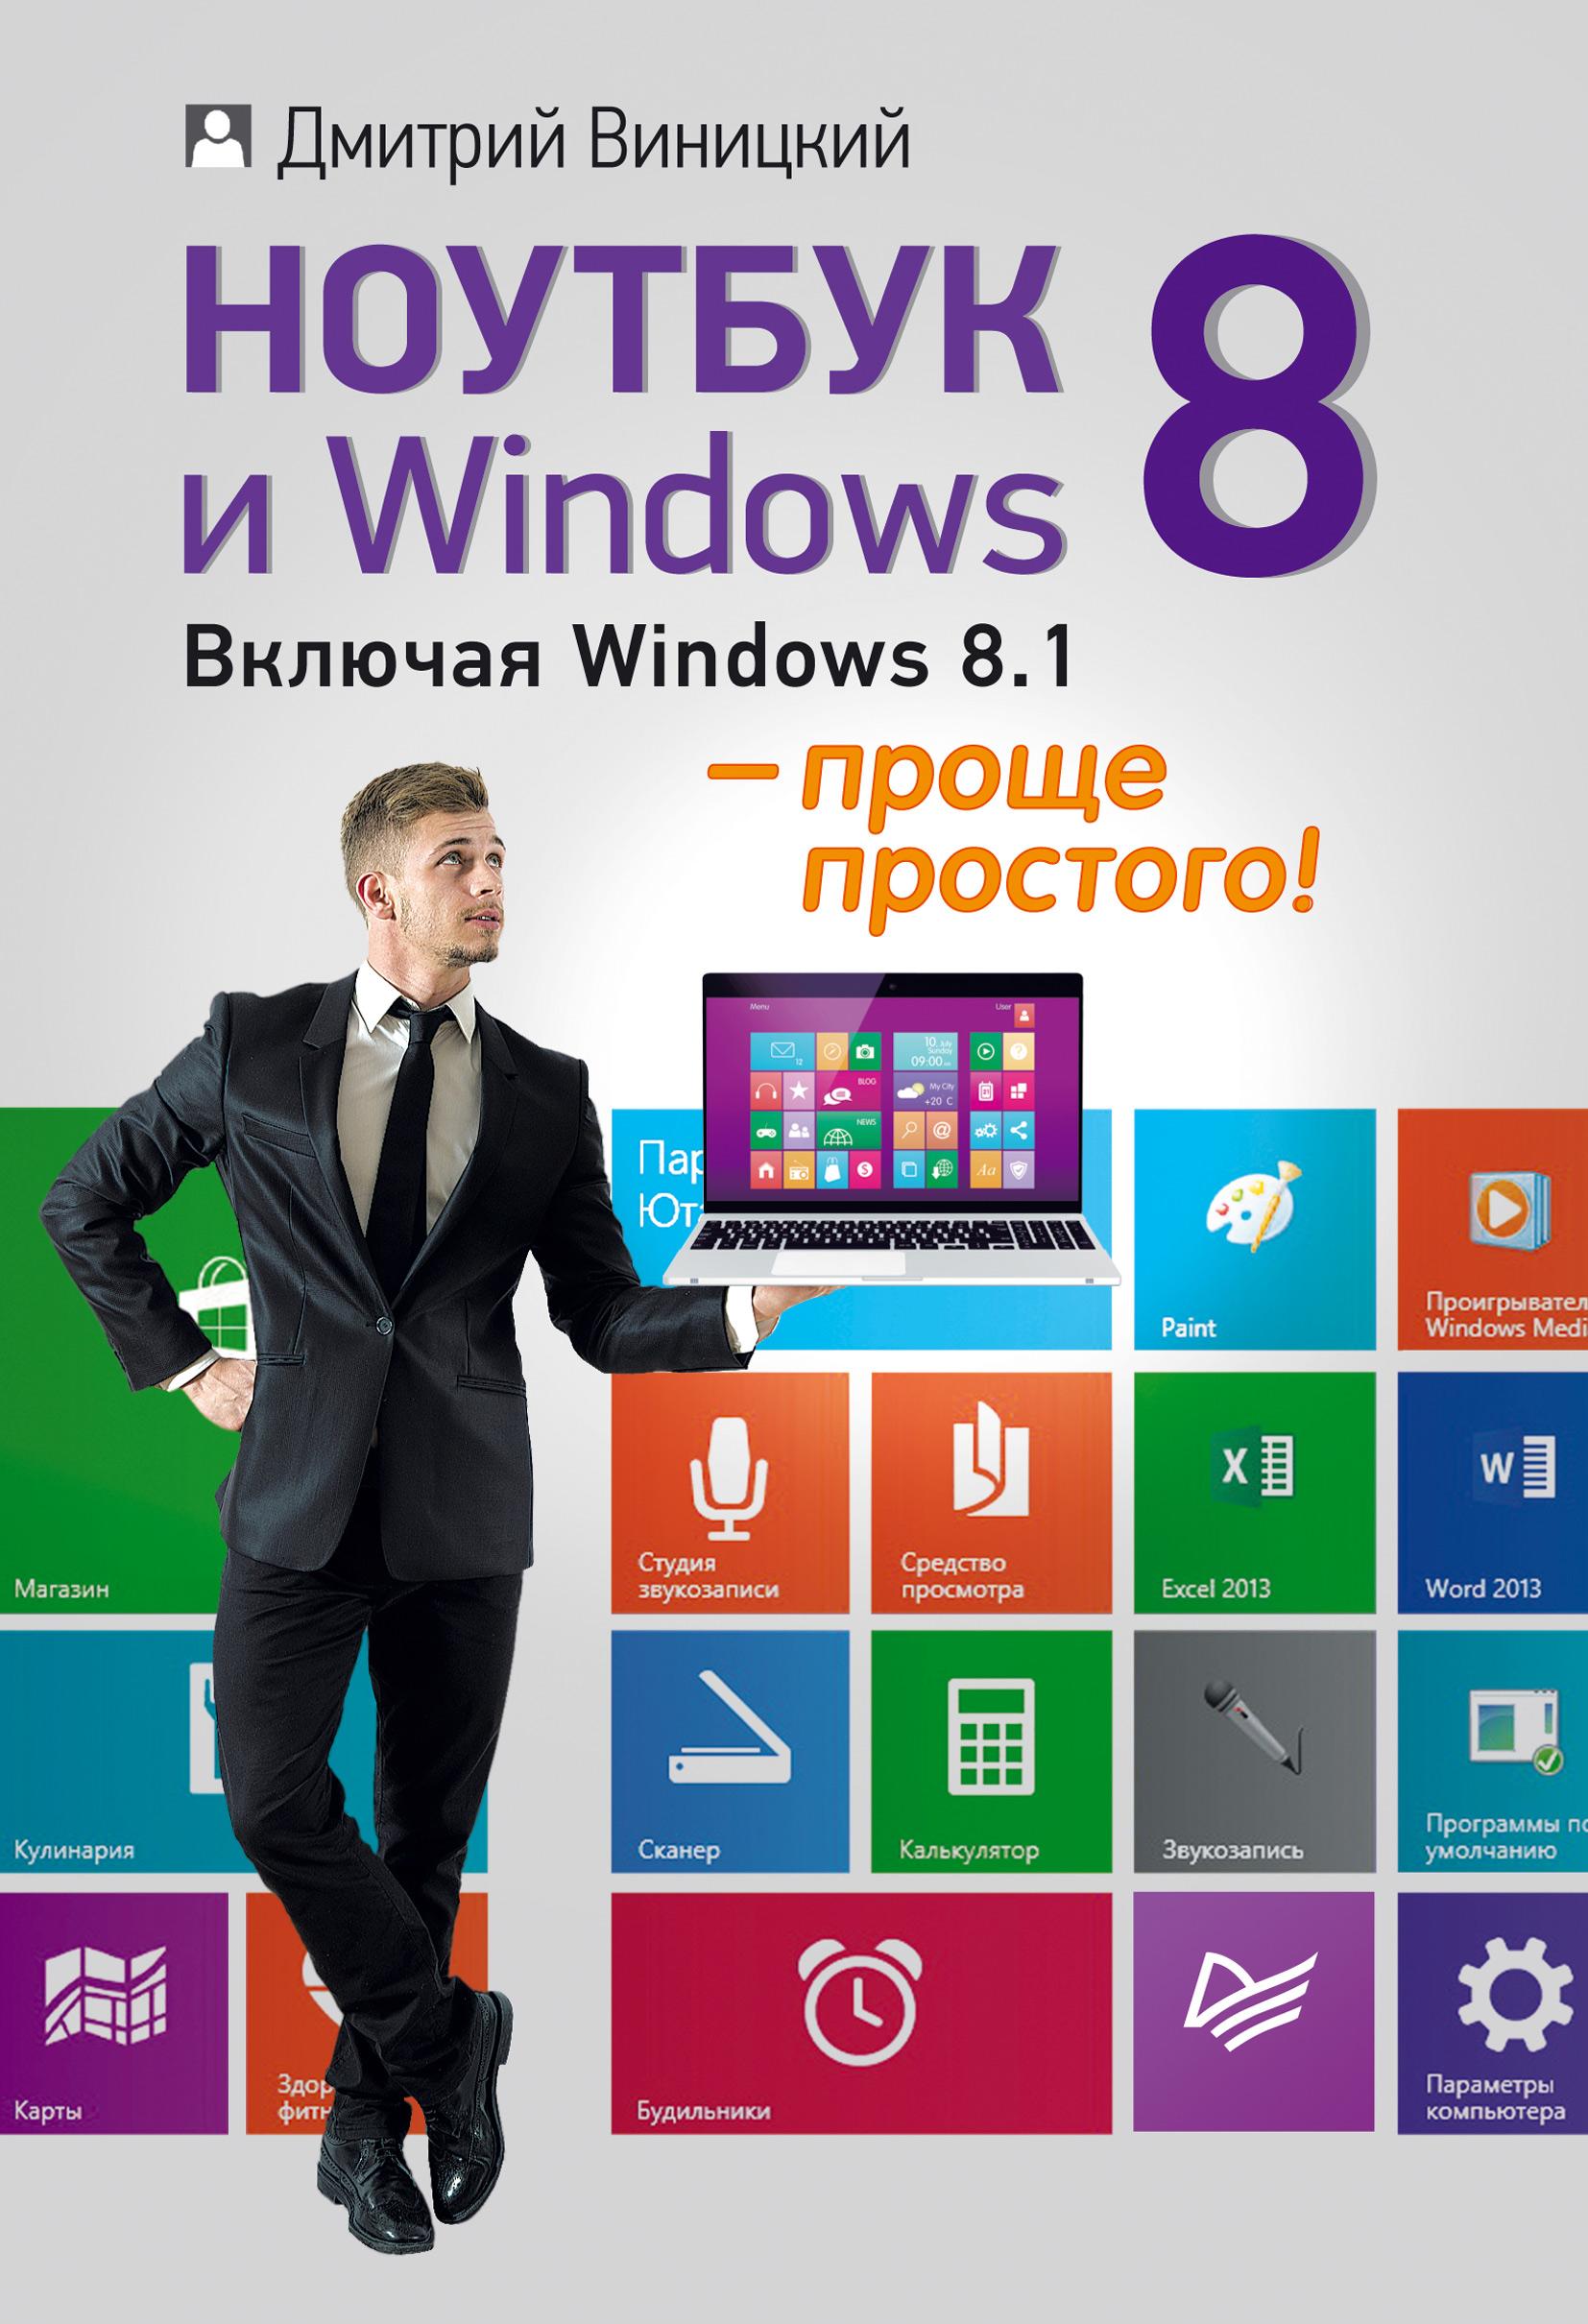 Дмитрий Виницкий Ноутбук и Windows 8 – проще простого! как включить ноутбук